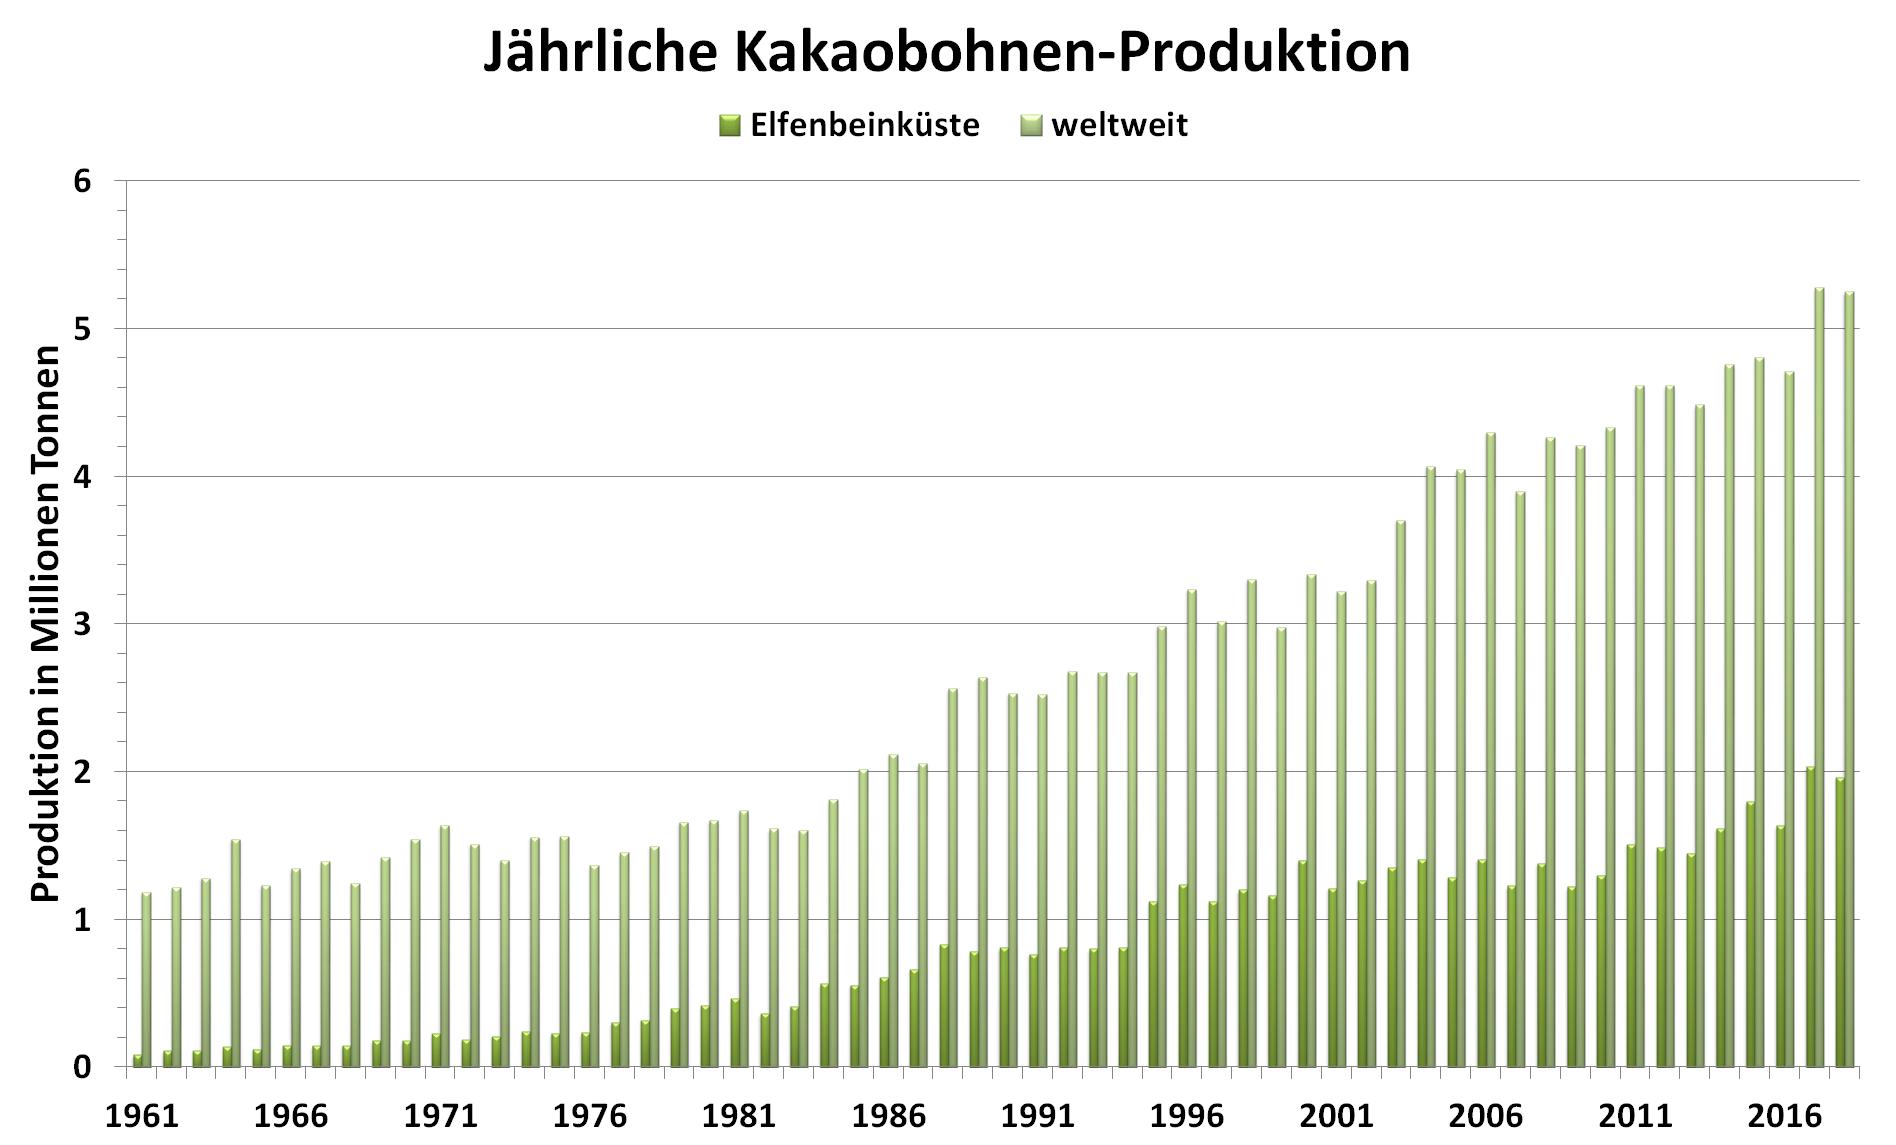 Grafik: jährliche Produktion von Kakaobohnen weltweit und in der Elfenbeinküste von 1961 bis 2018